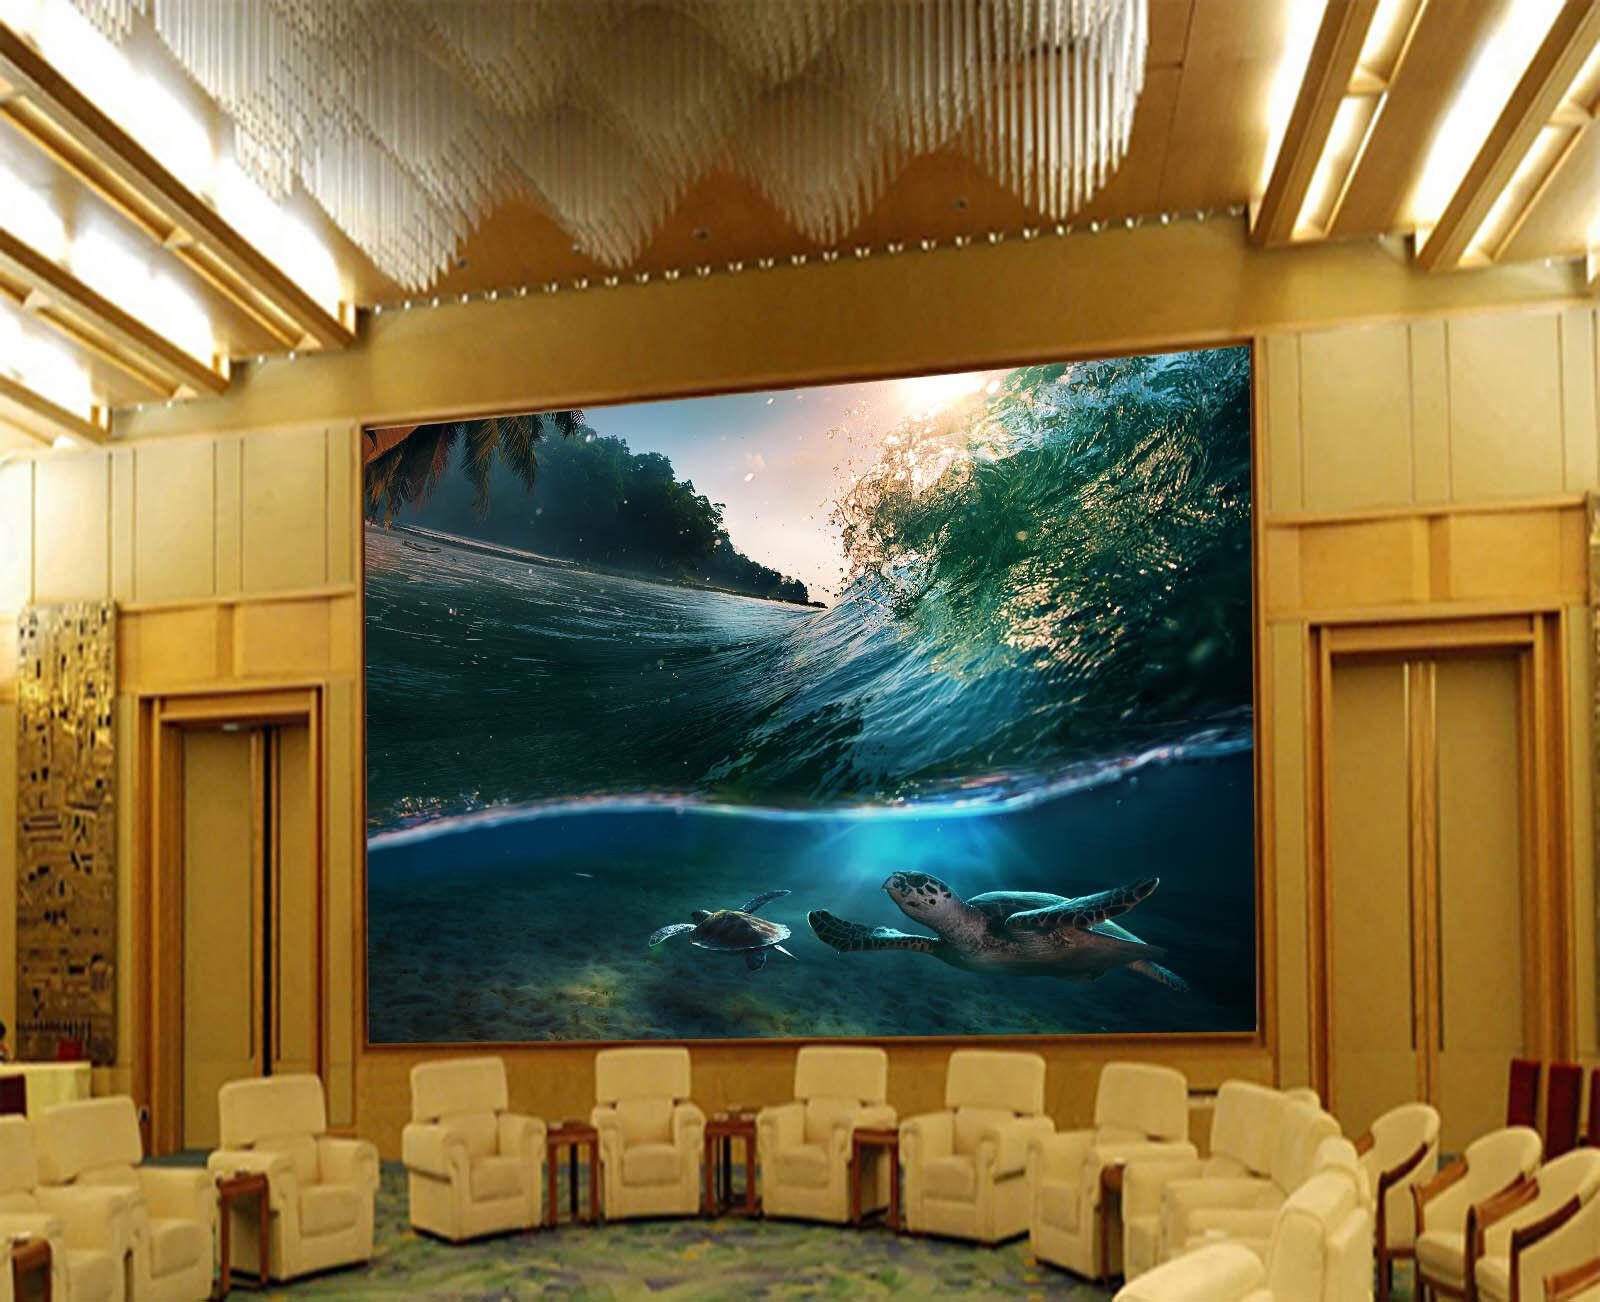 3D Sunlight Tree Sea Turtles Wall Paper Wall Print Decal Wall AJ WALLPAPER CA